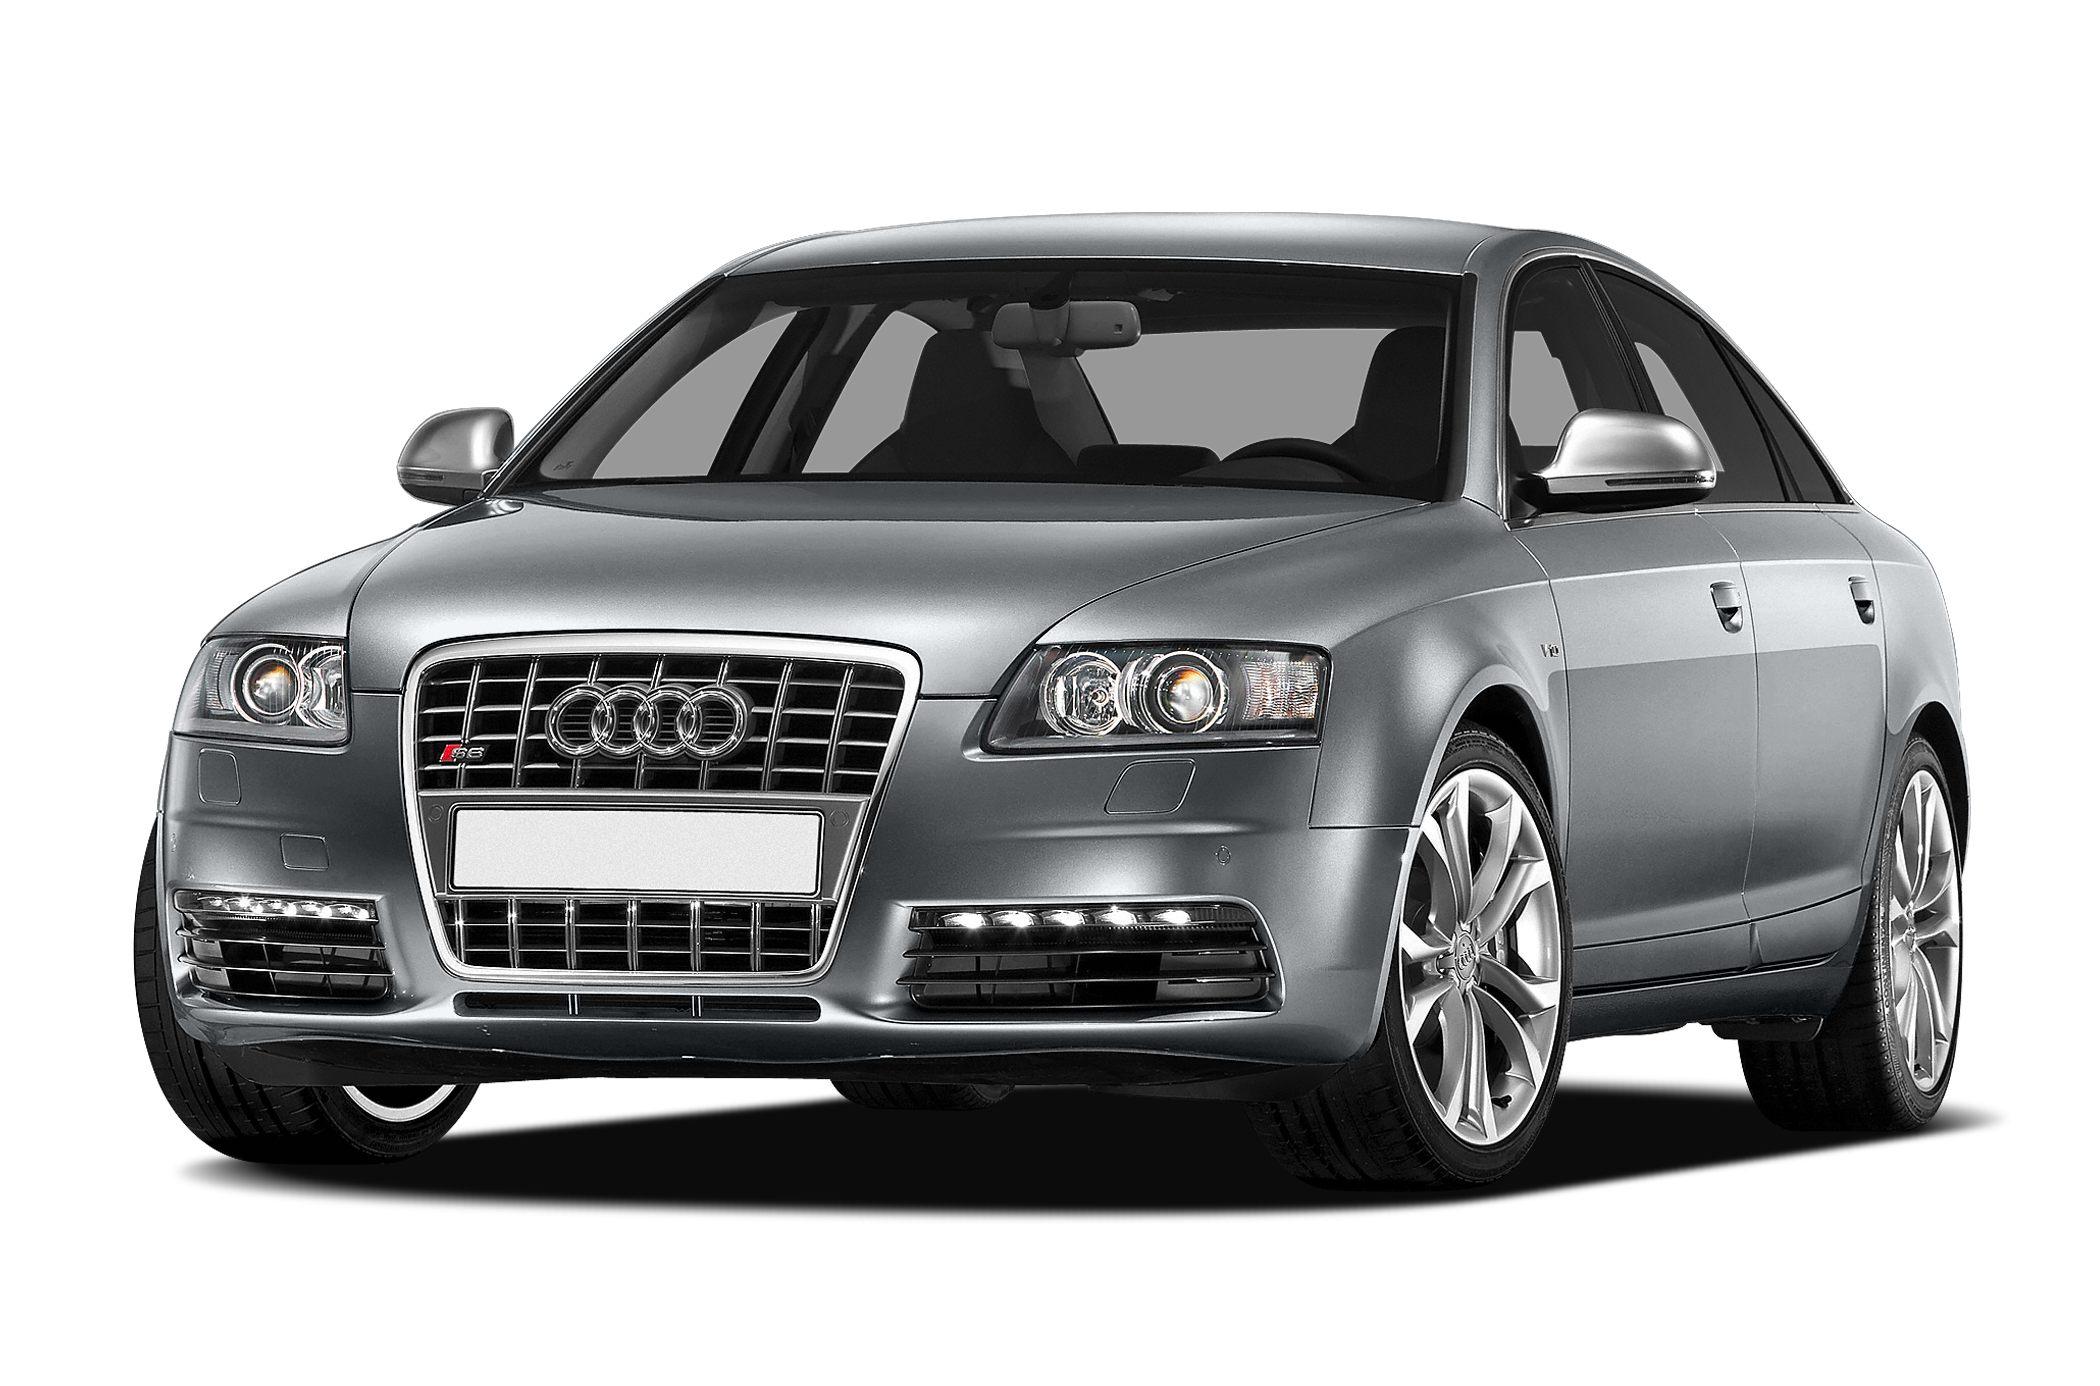 Kelebihan Kekurangan Audi 2010 Top Model Tahun Ini